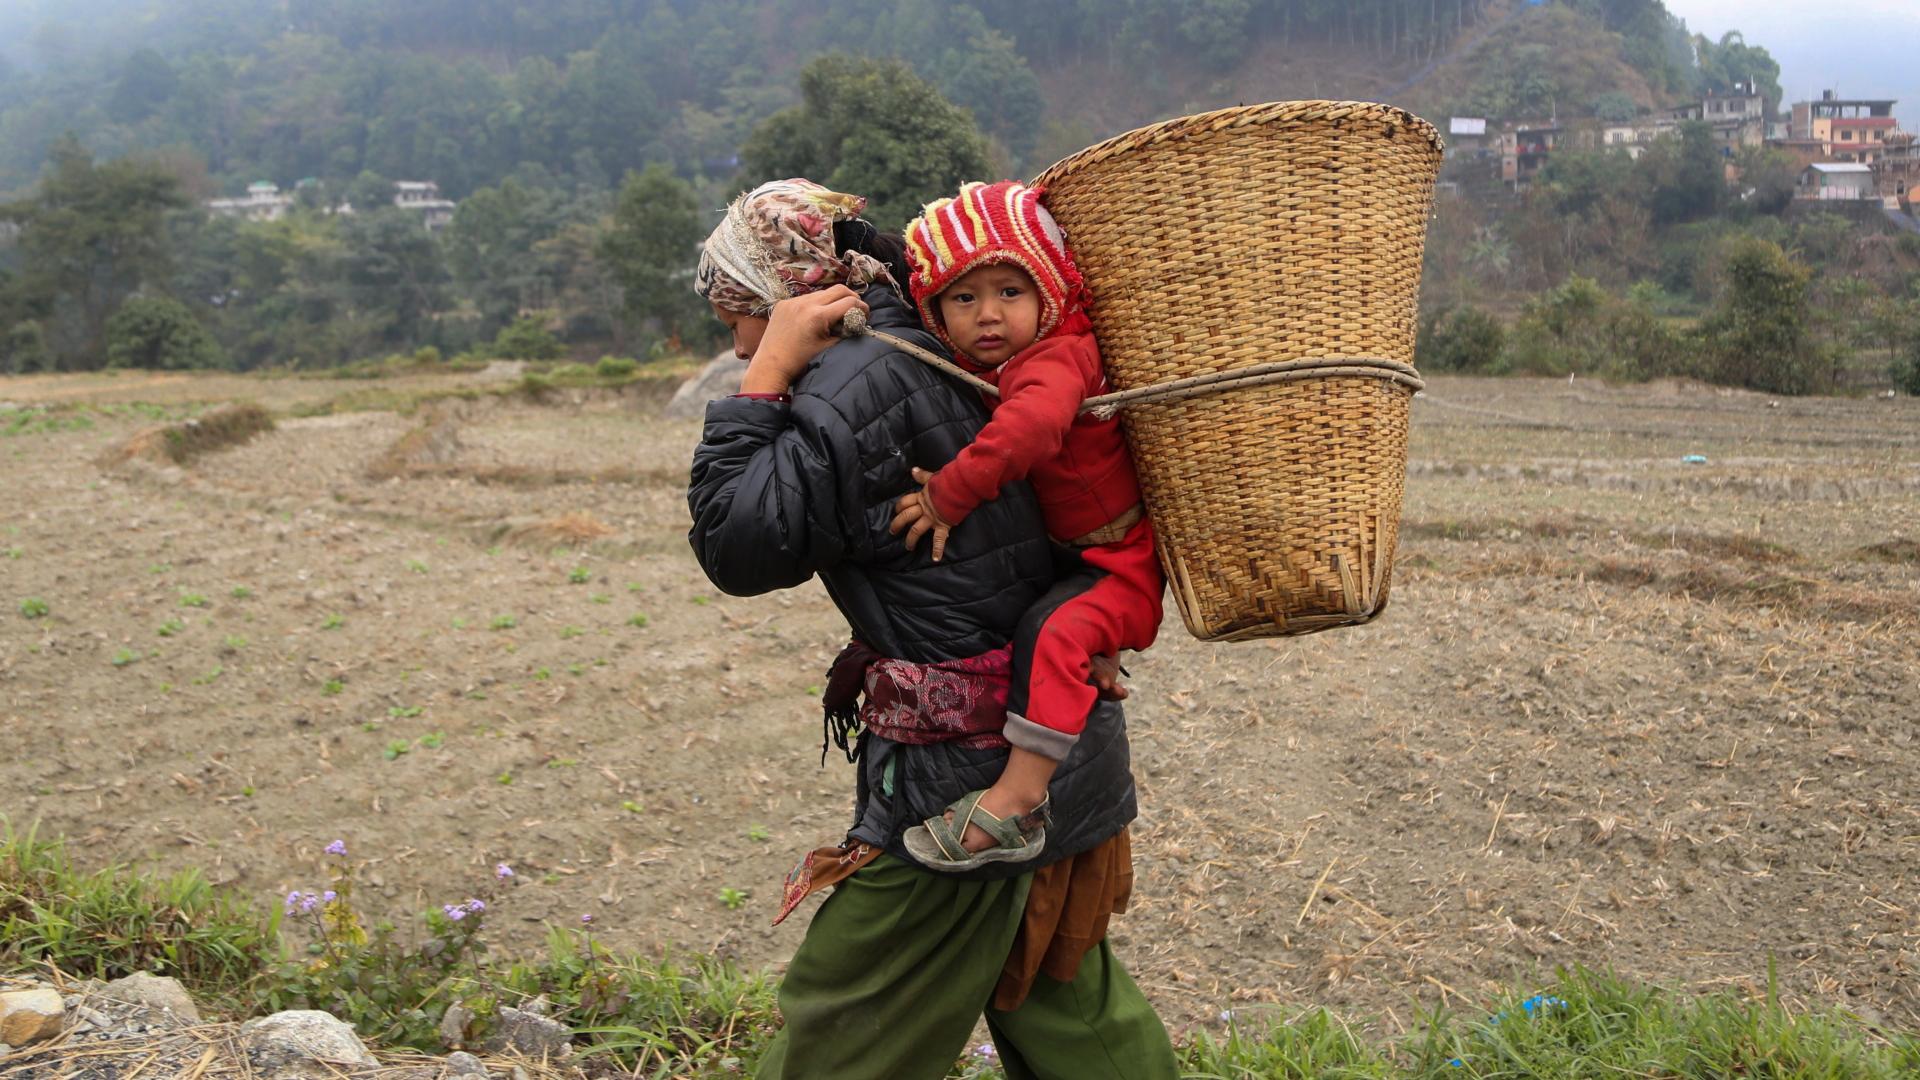 Frau geteilt sklave ausgebildet